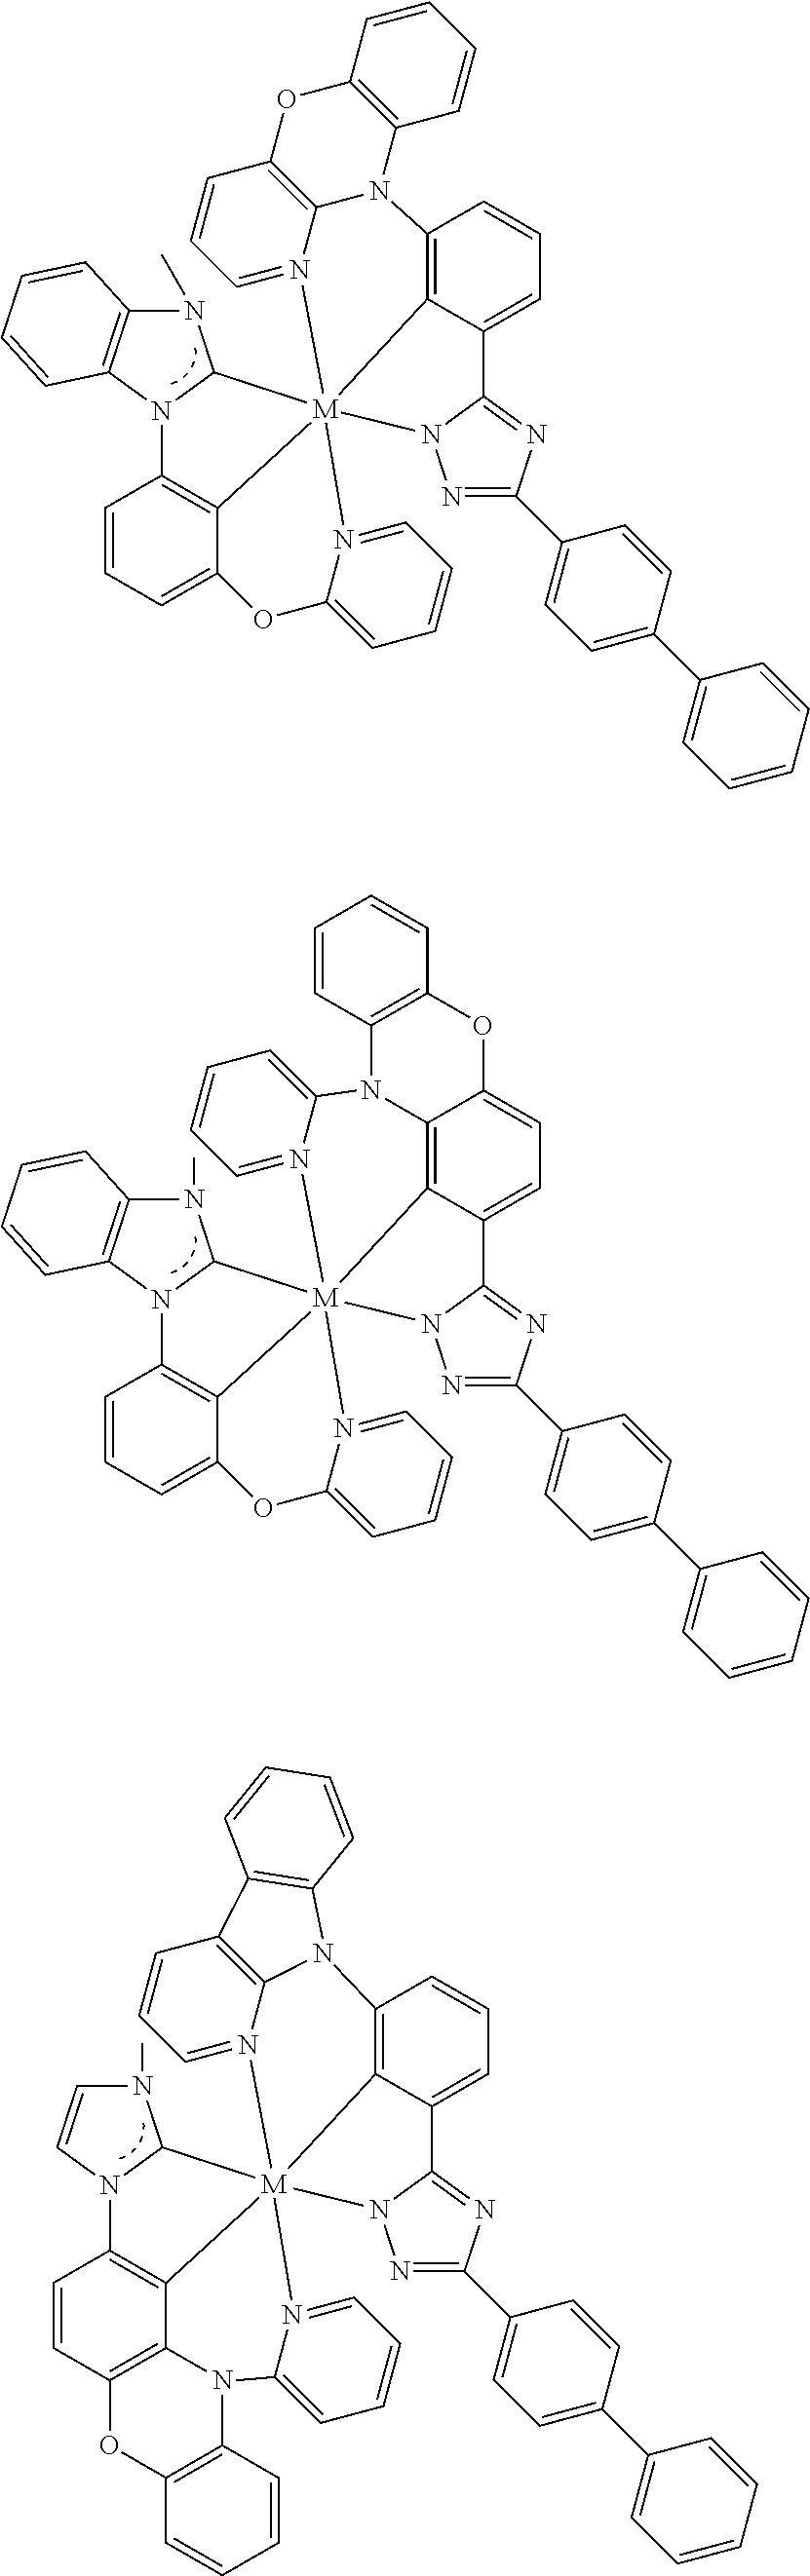 Figure US09818959-20171114-C00398